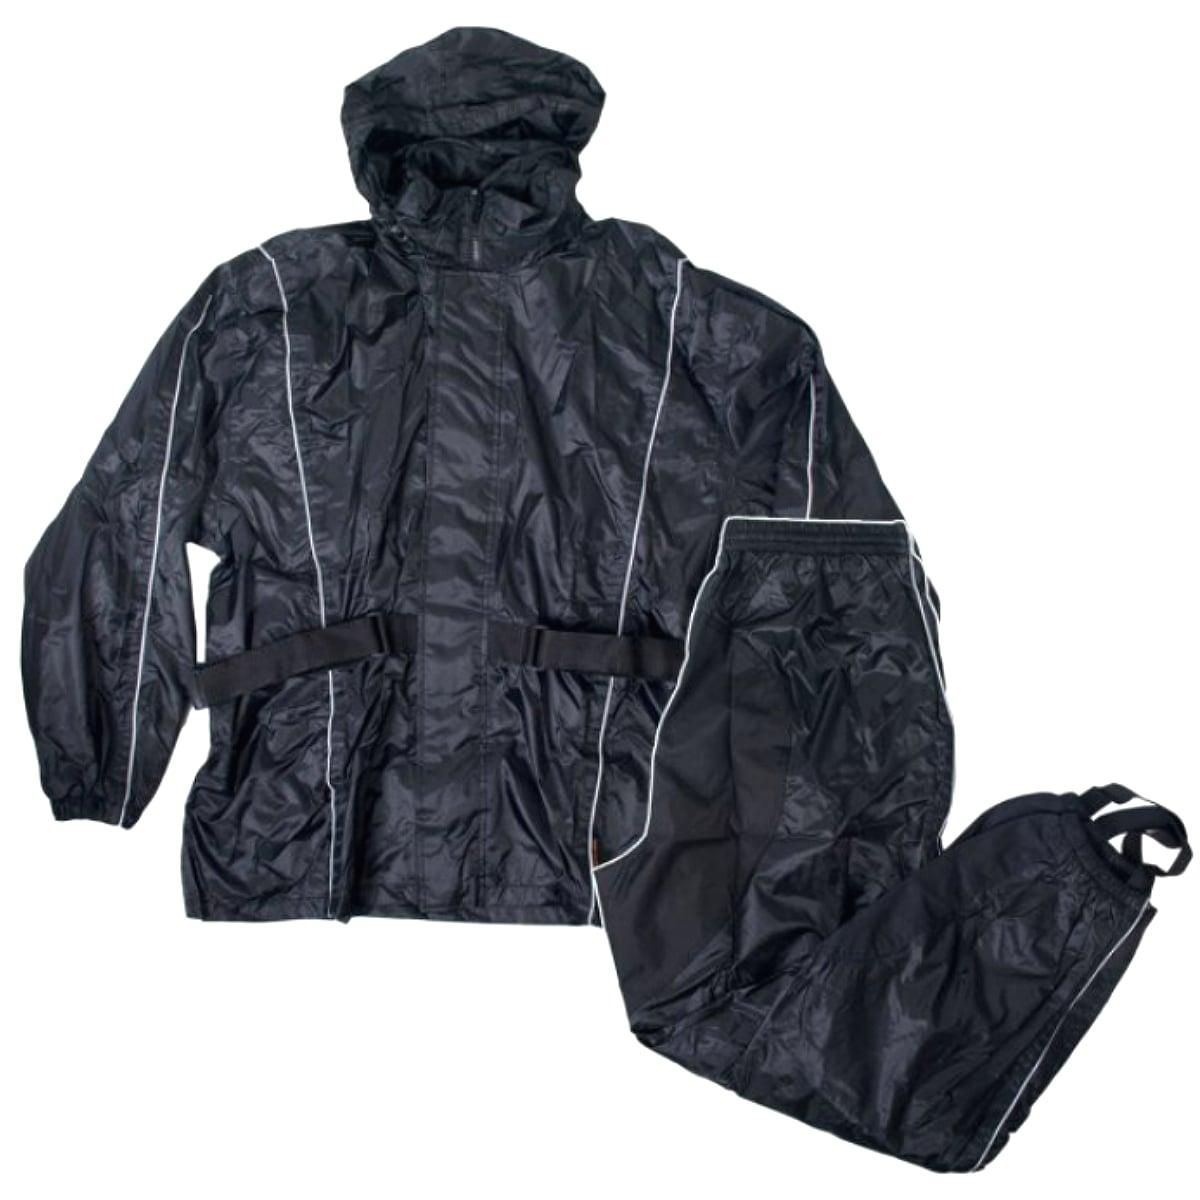 【送料無料!】日本未発売! セール価格! ホットレザー [Nylon Rain Suit w/Tote] ナイロン レインスーツ! レインコート トートバッグ付き リフレクティブパイピング 雨がっぱ 雨具 上下セット ブラック HOTLEATHERS 米国直輸入! バイク 通勤通学に!